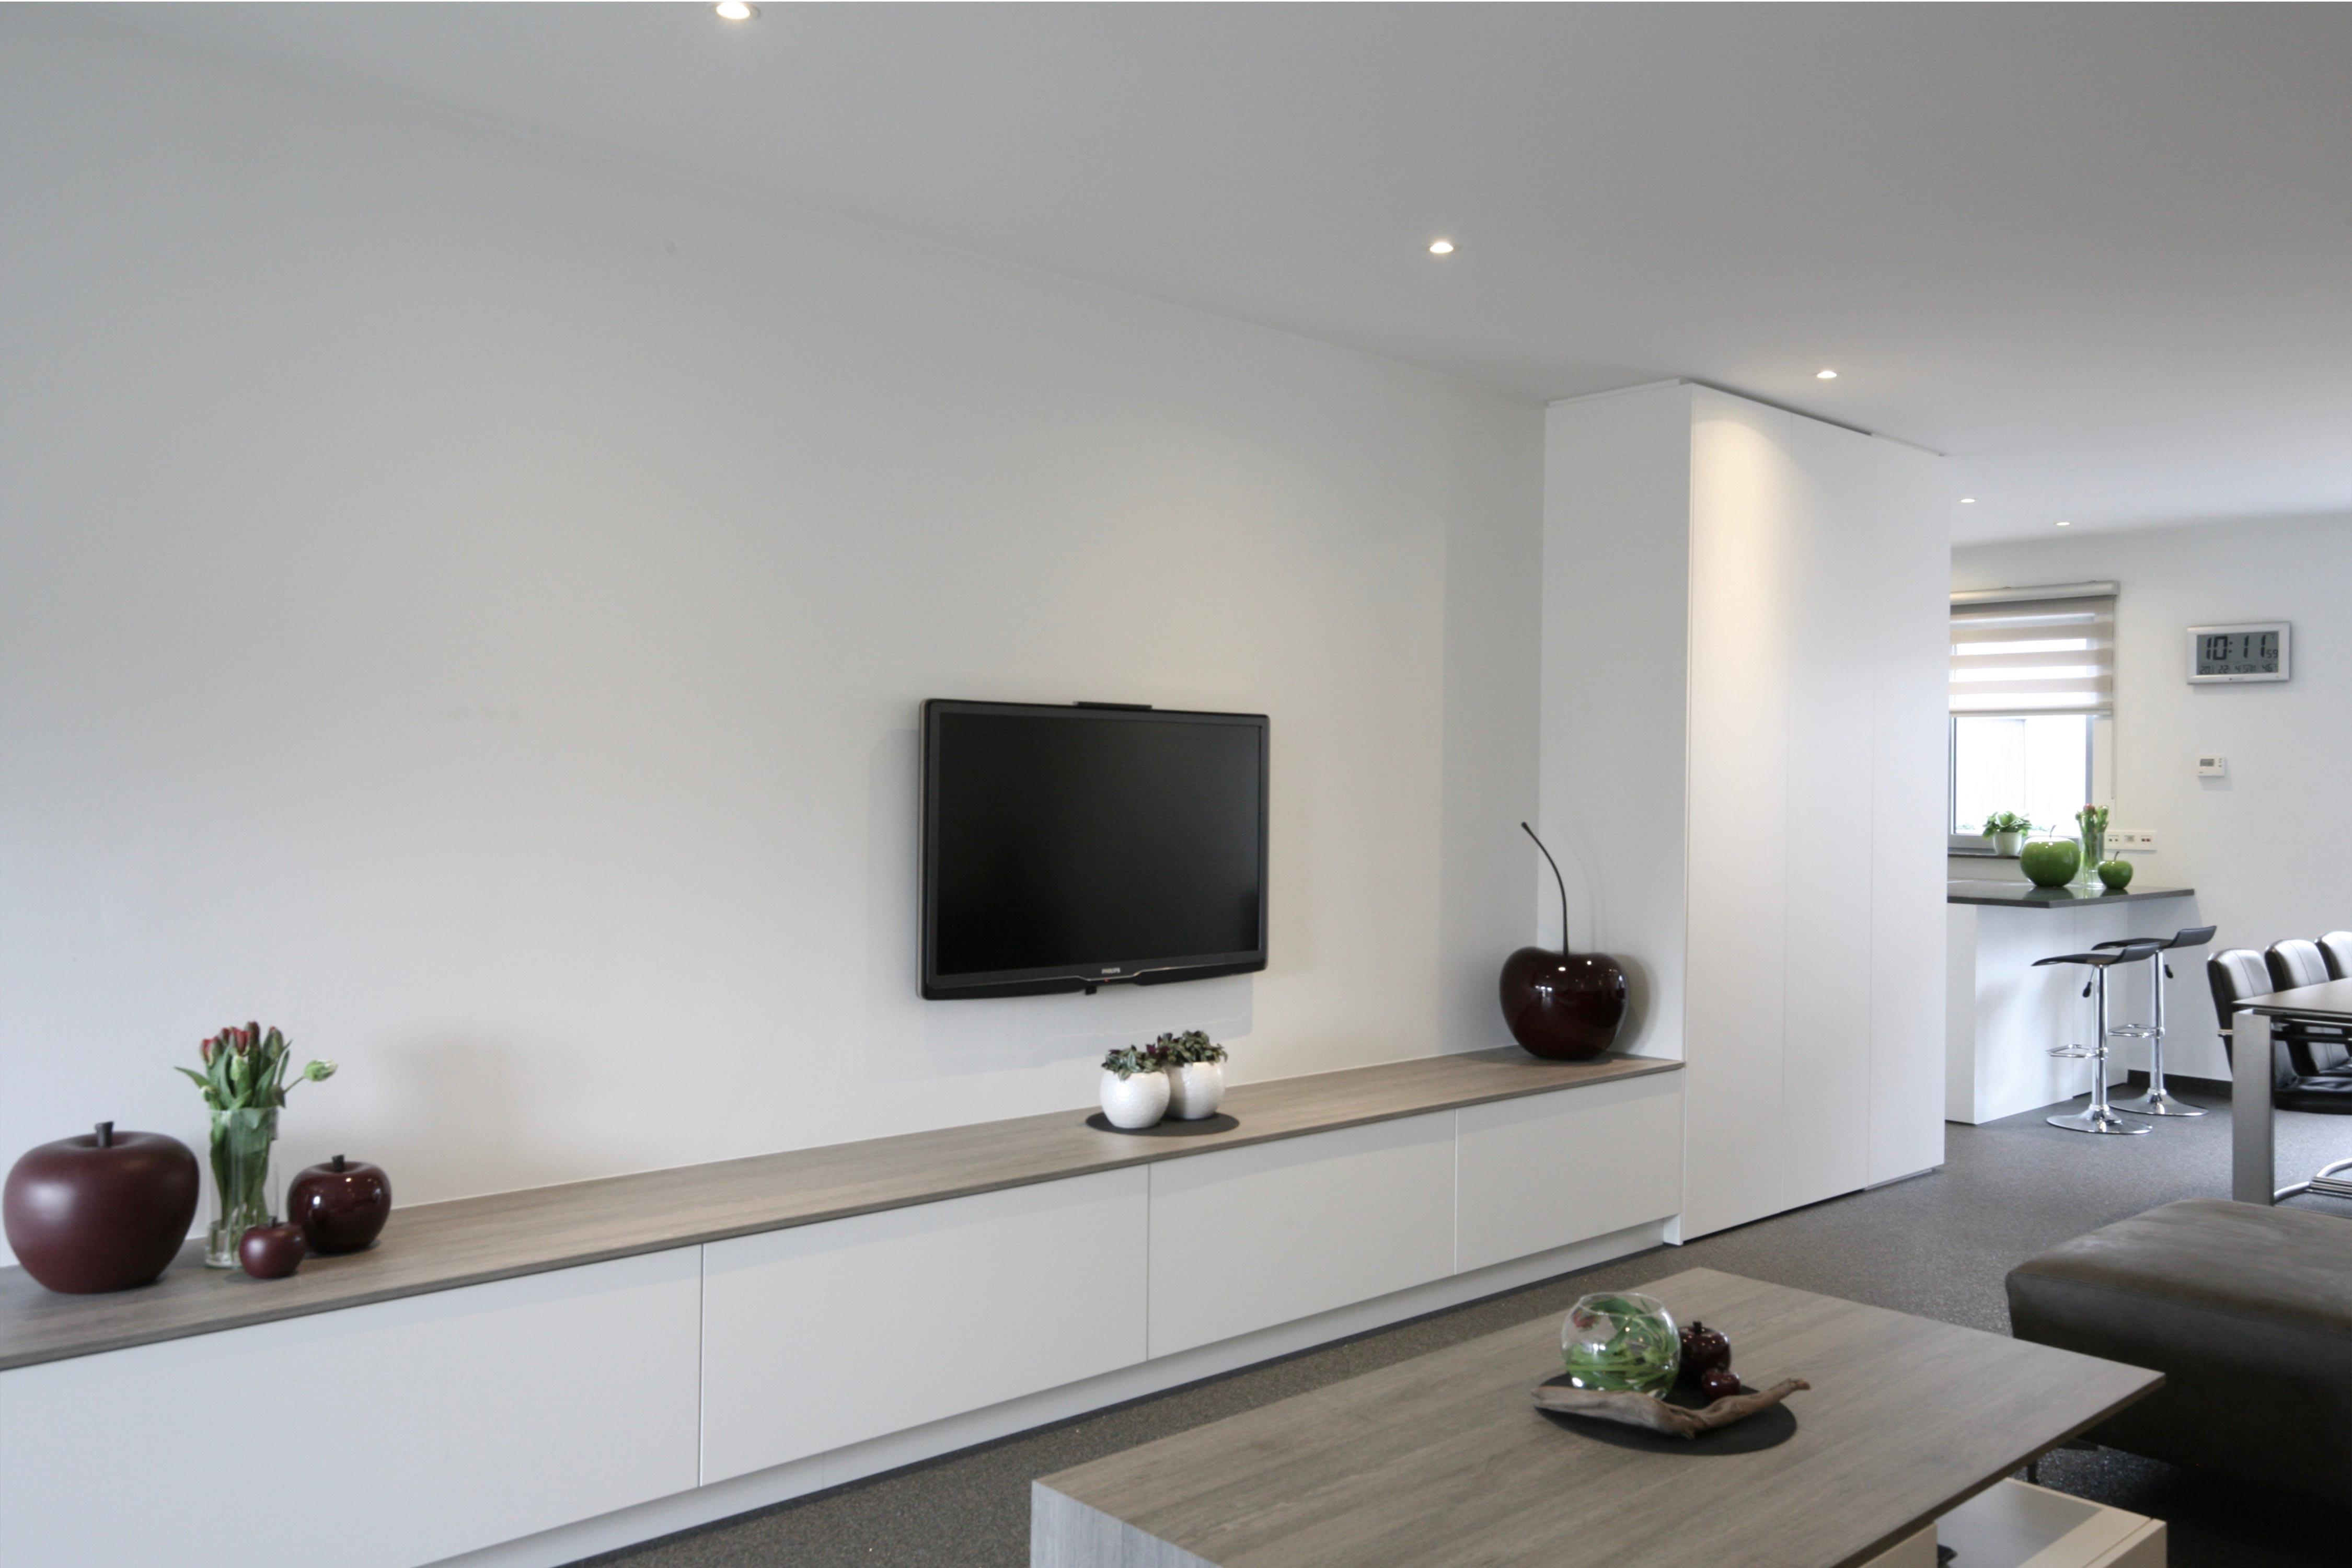 Eetkamer In Woonkamer : Eetkamer zetels woonkamer te koop dehands be